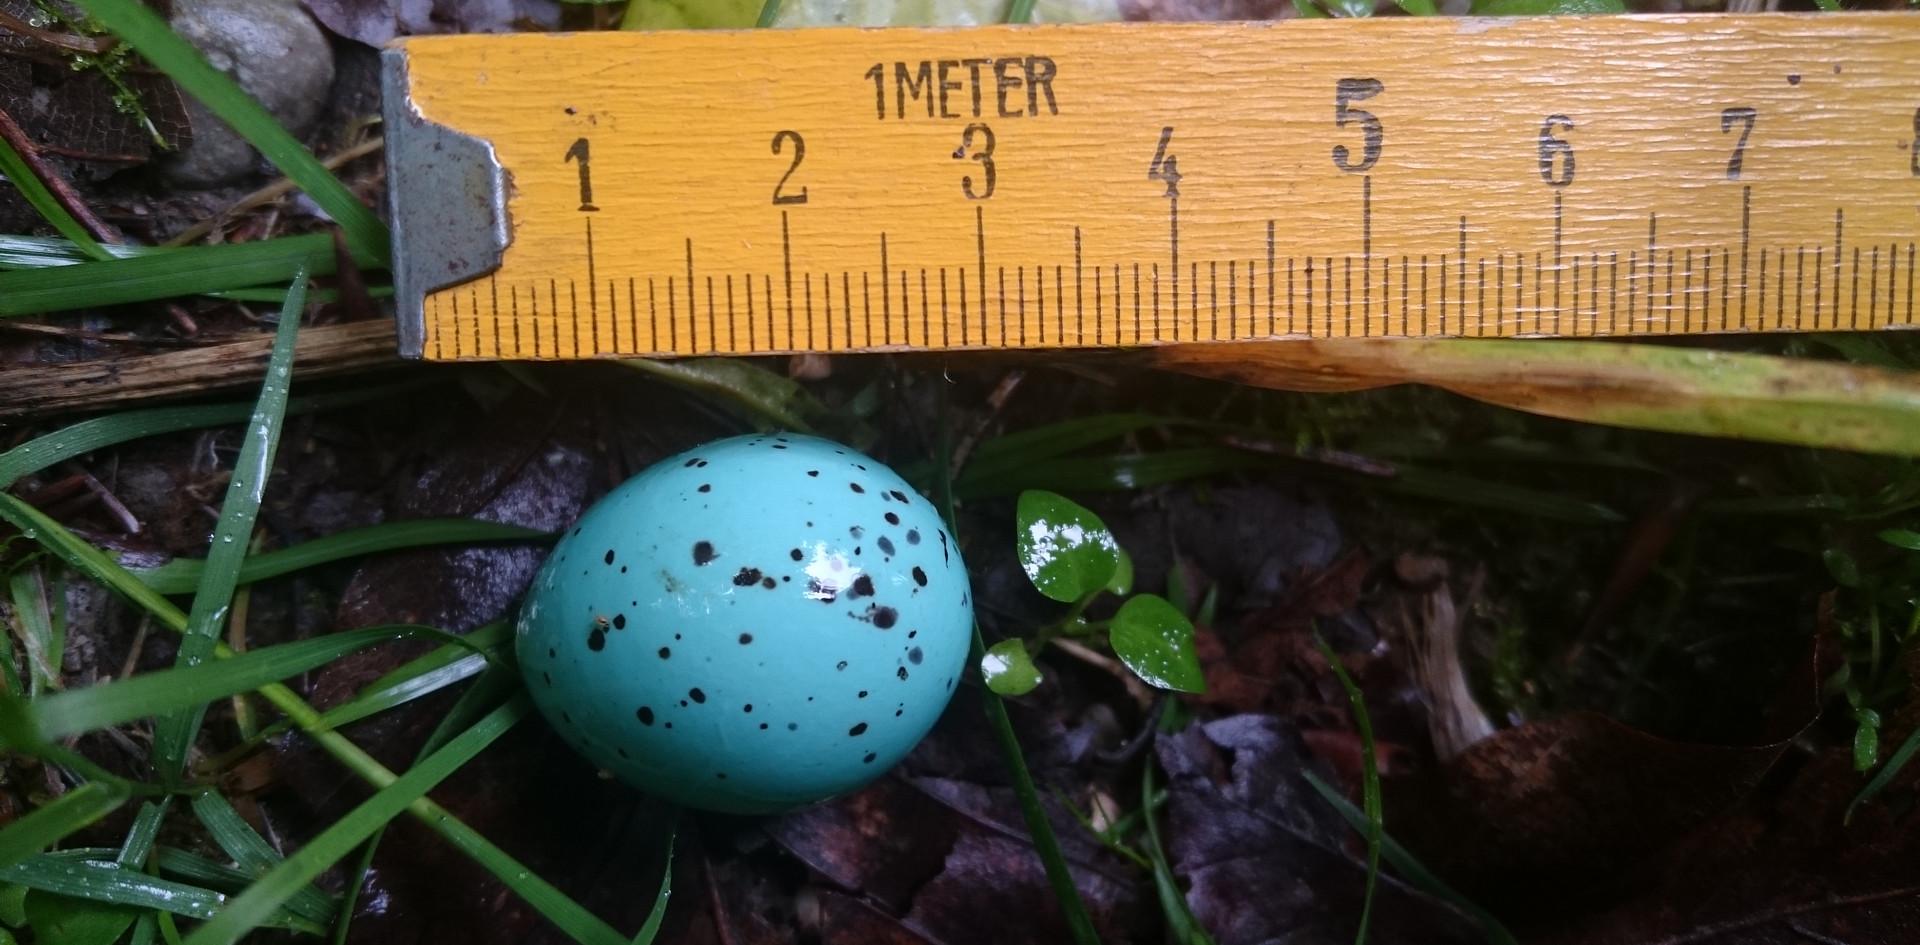 Das Ei einer Singdrossel. Gefunden auf dem Waldboden. Von dem Nest war weit und breit nichts zu sehen.